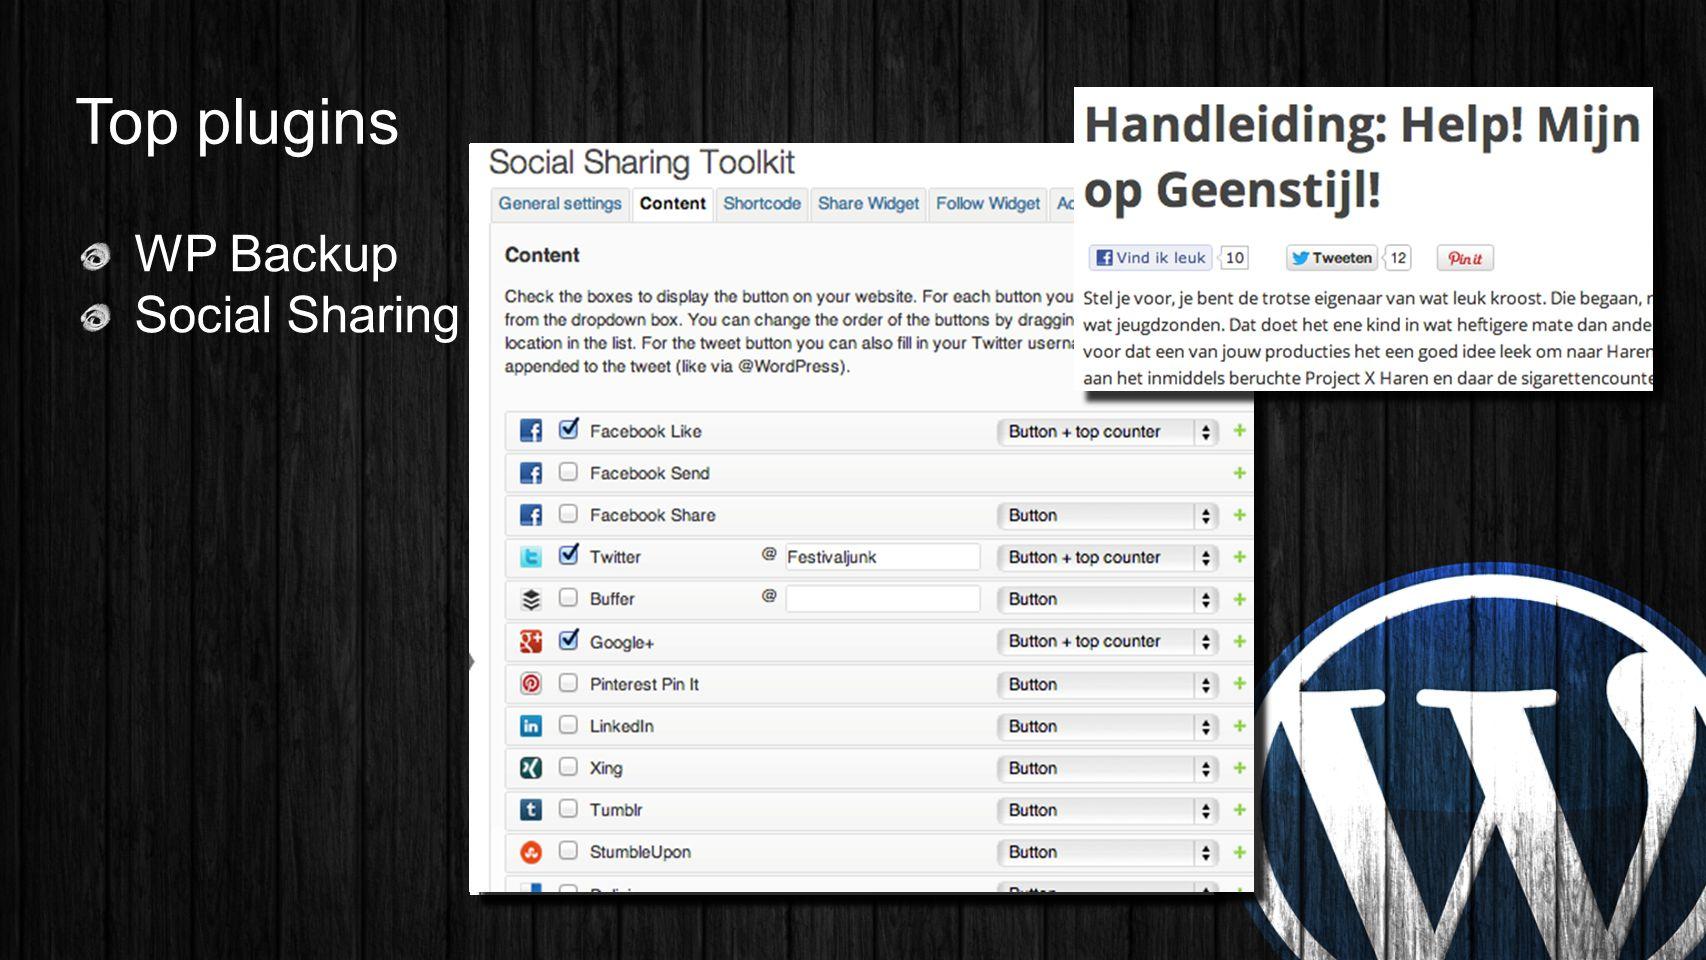 Top plugins WP Backup Social Sharing